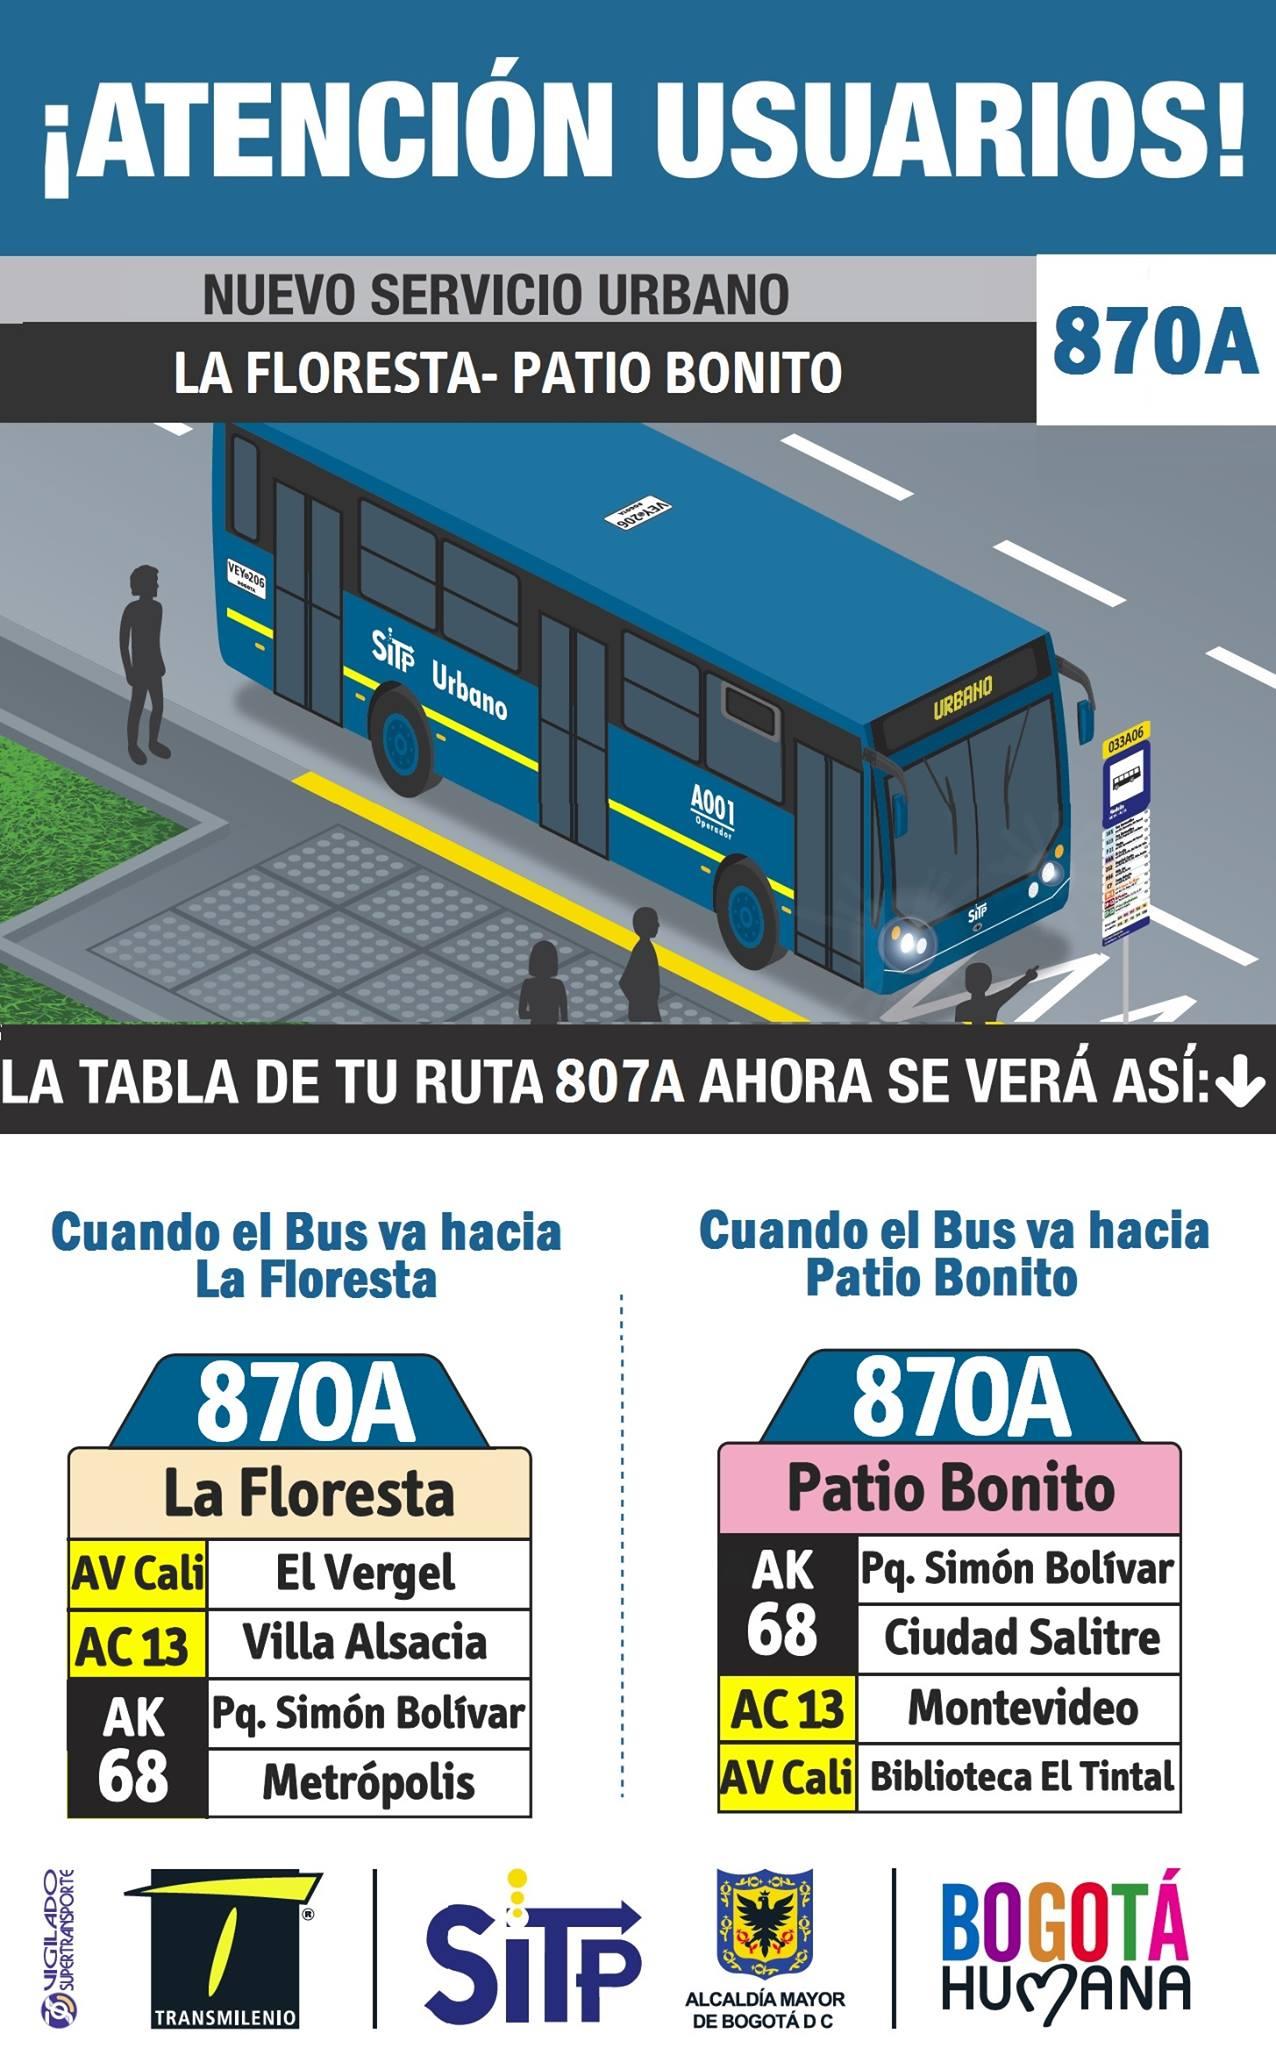 Volante ruta urbana 870A La Floresta - Patio Bonito